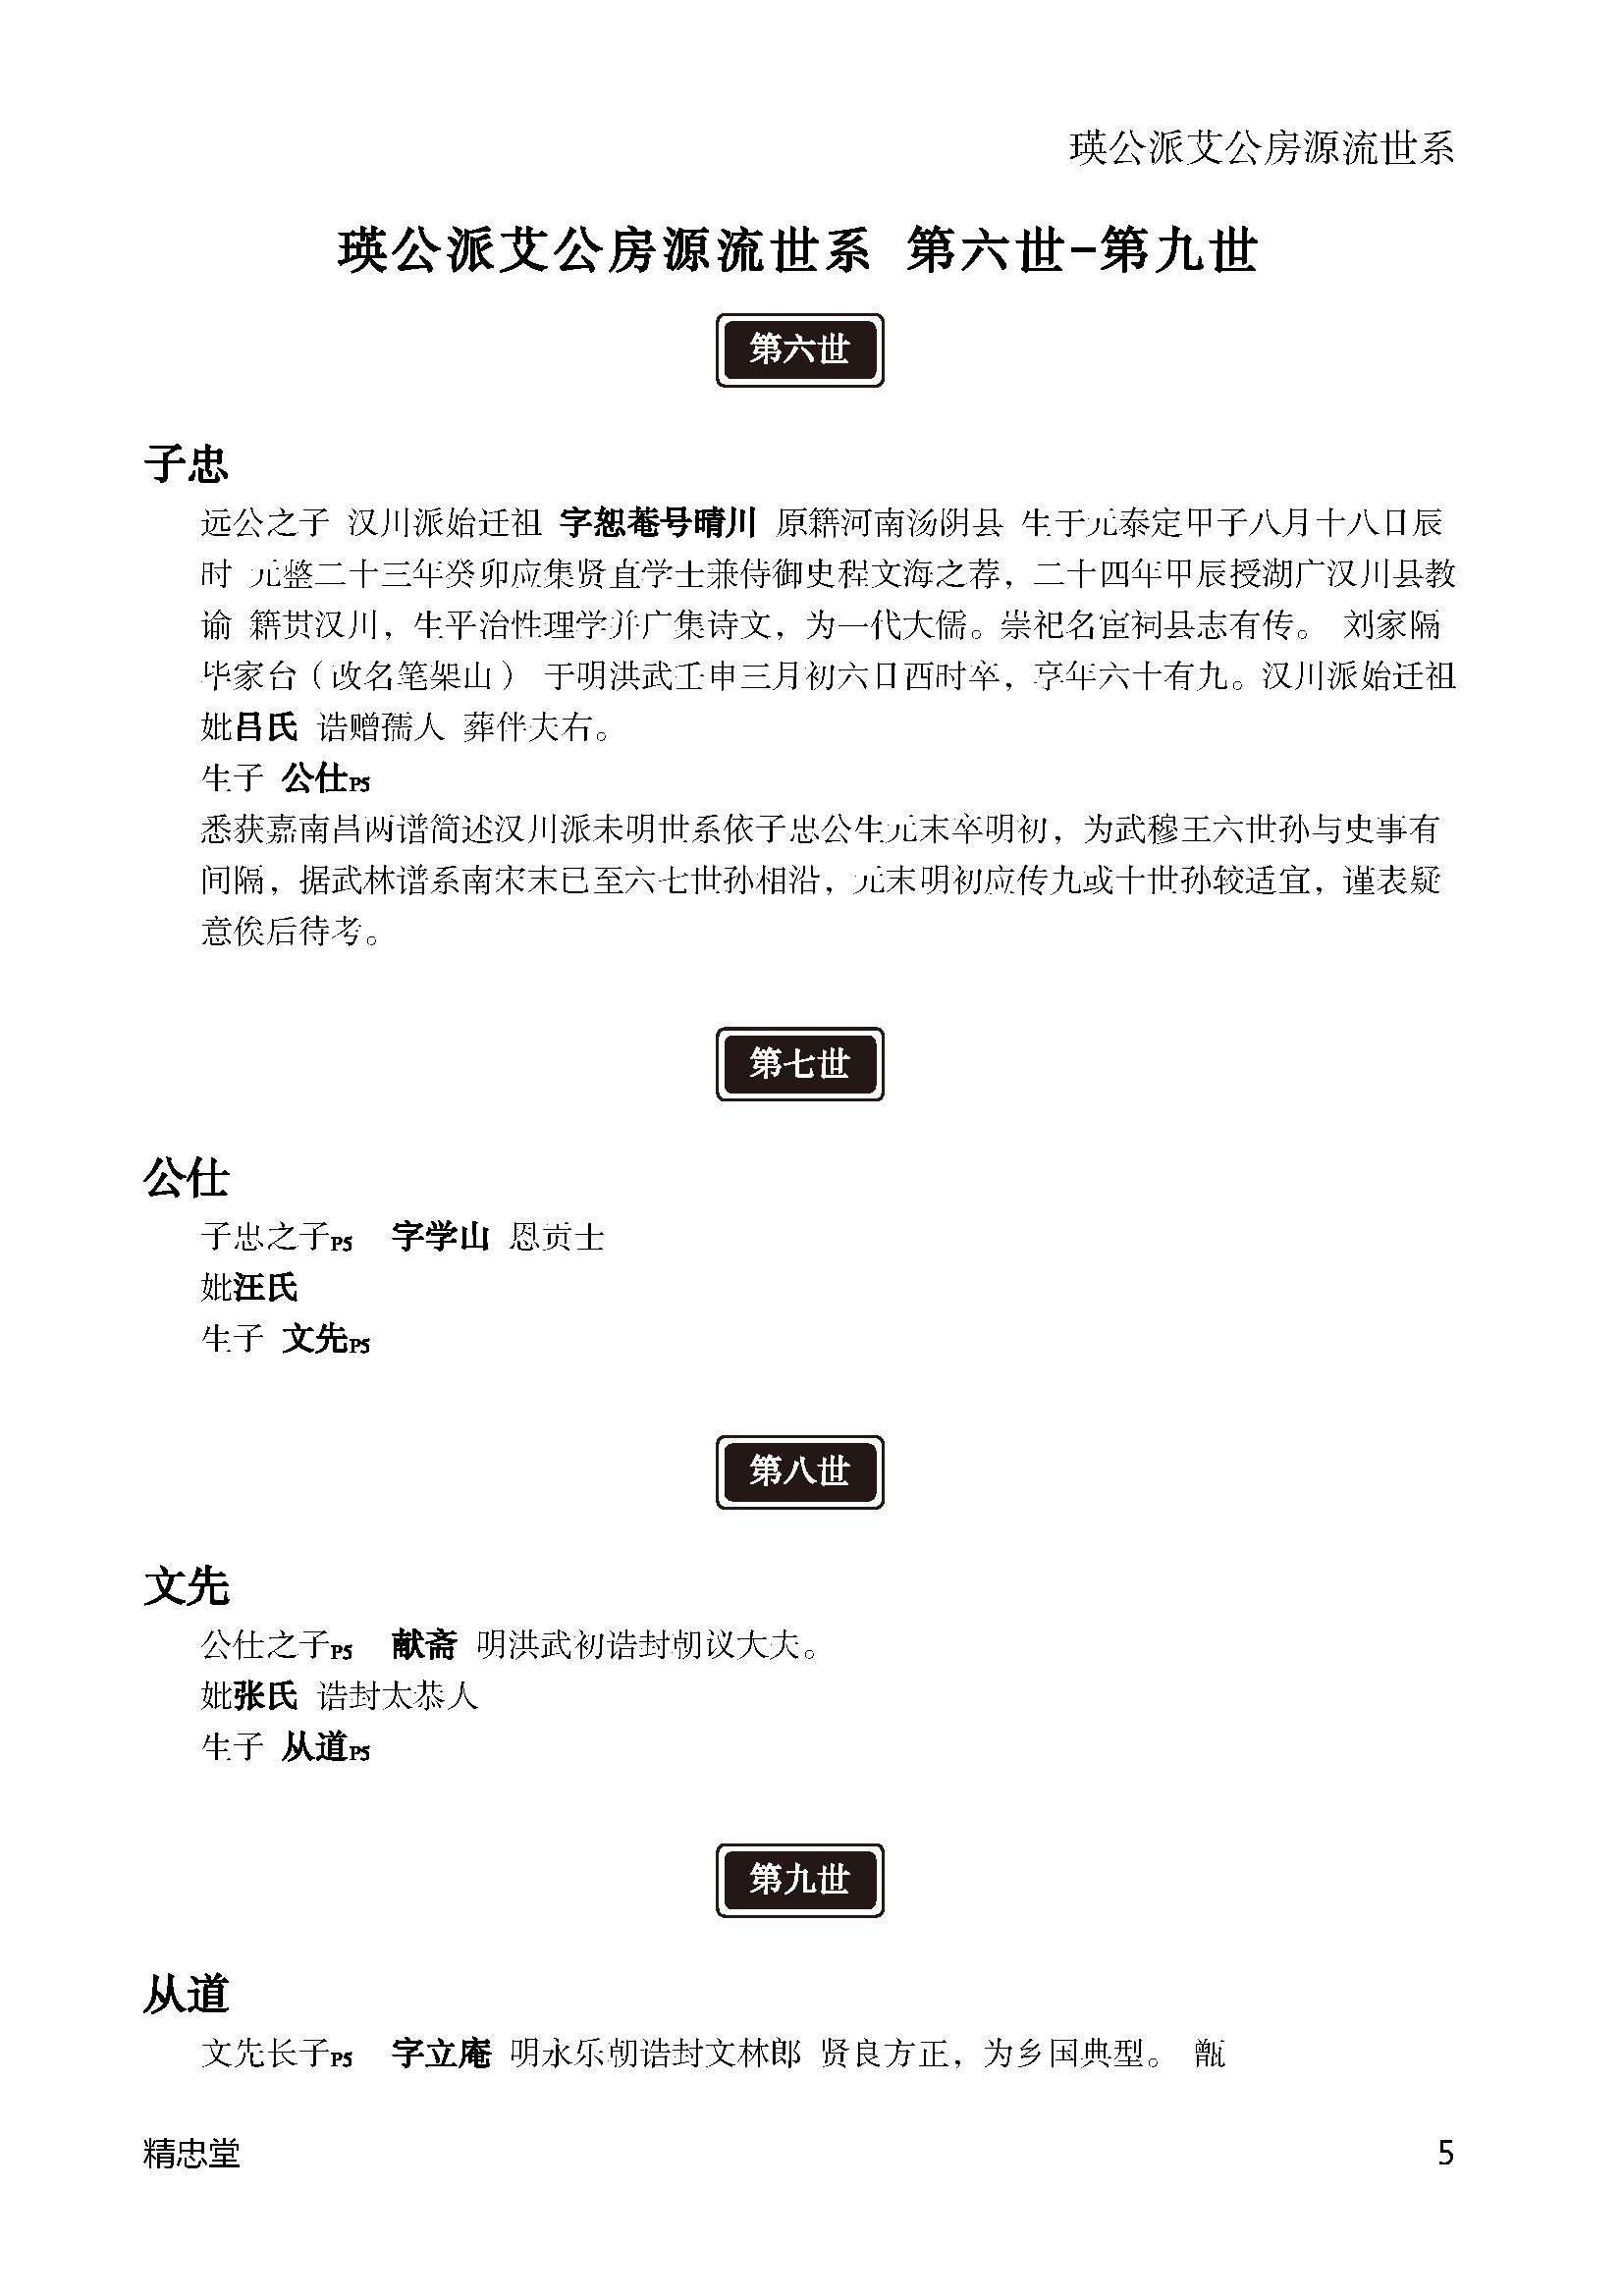 页面提取自-04新简约书籍式_页面_4